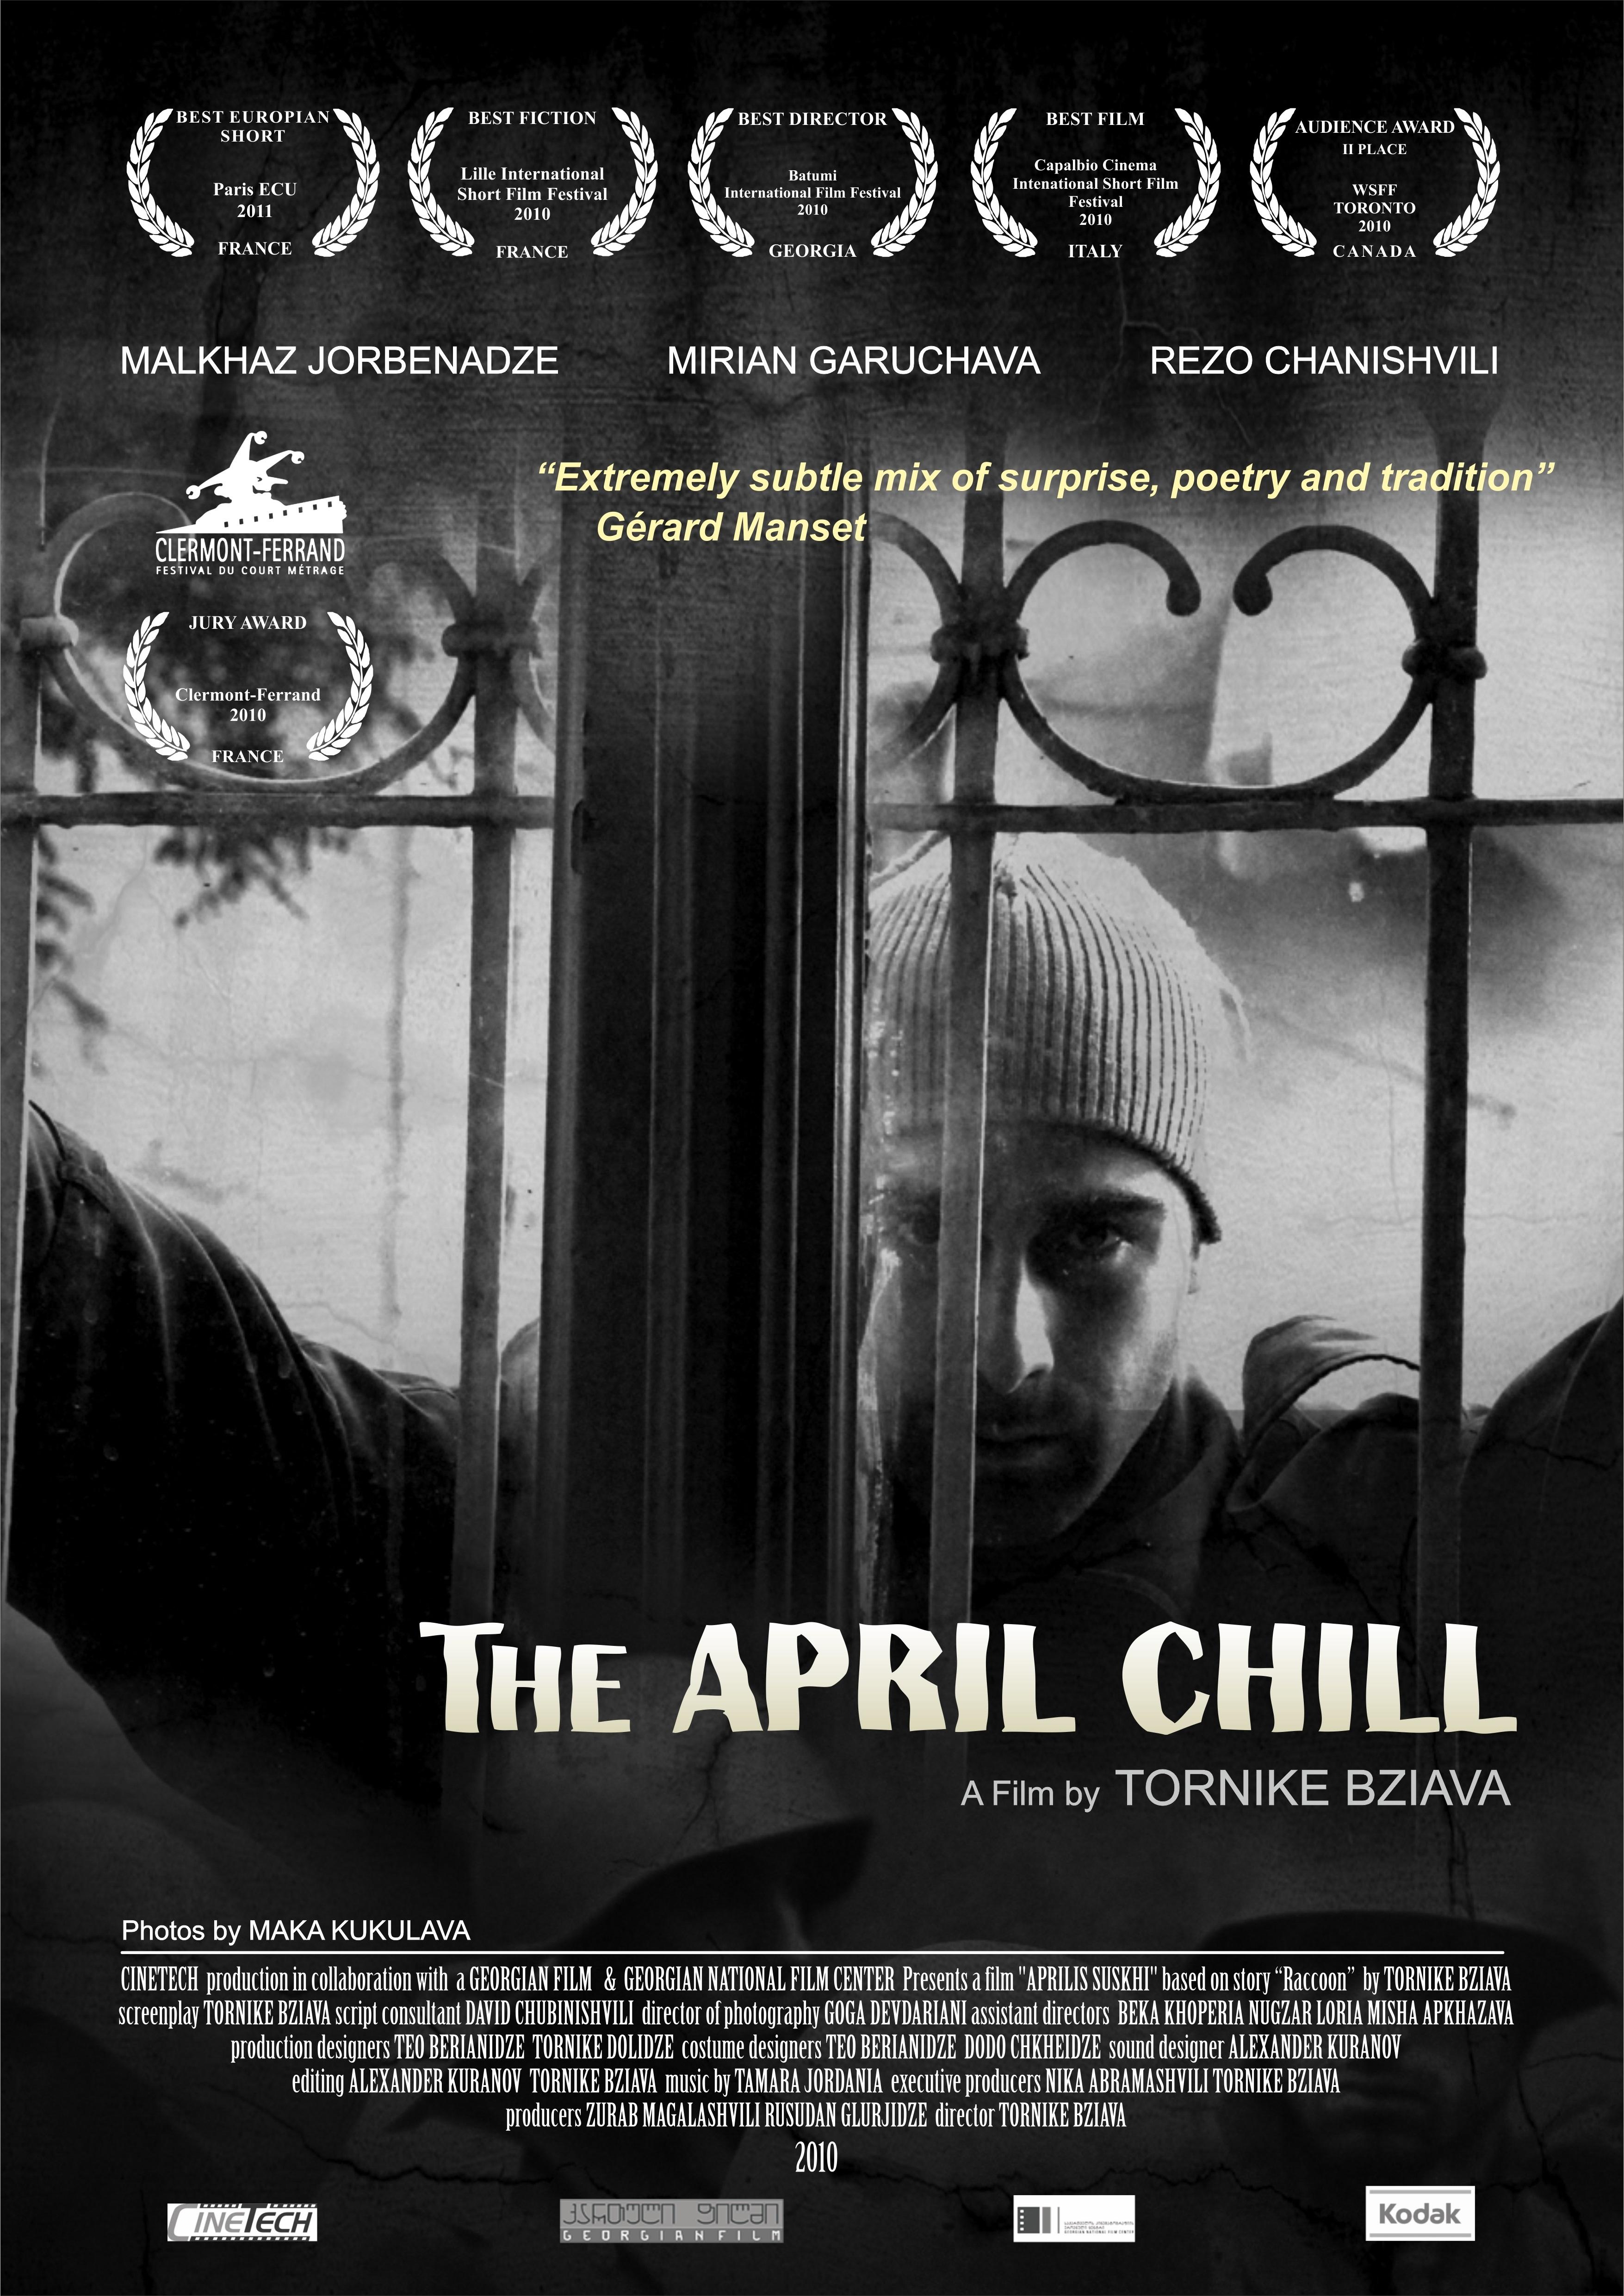 აპრილის სუსხი / The April Chill